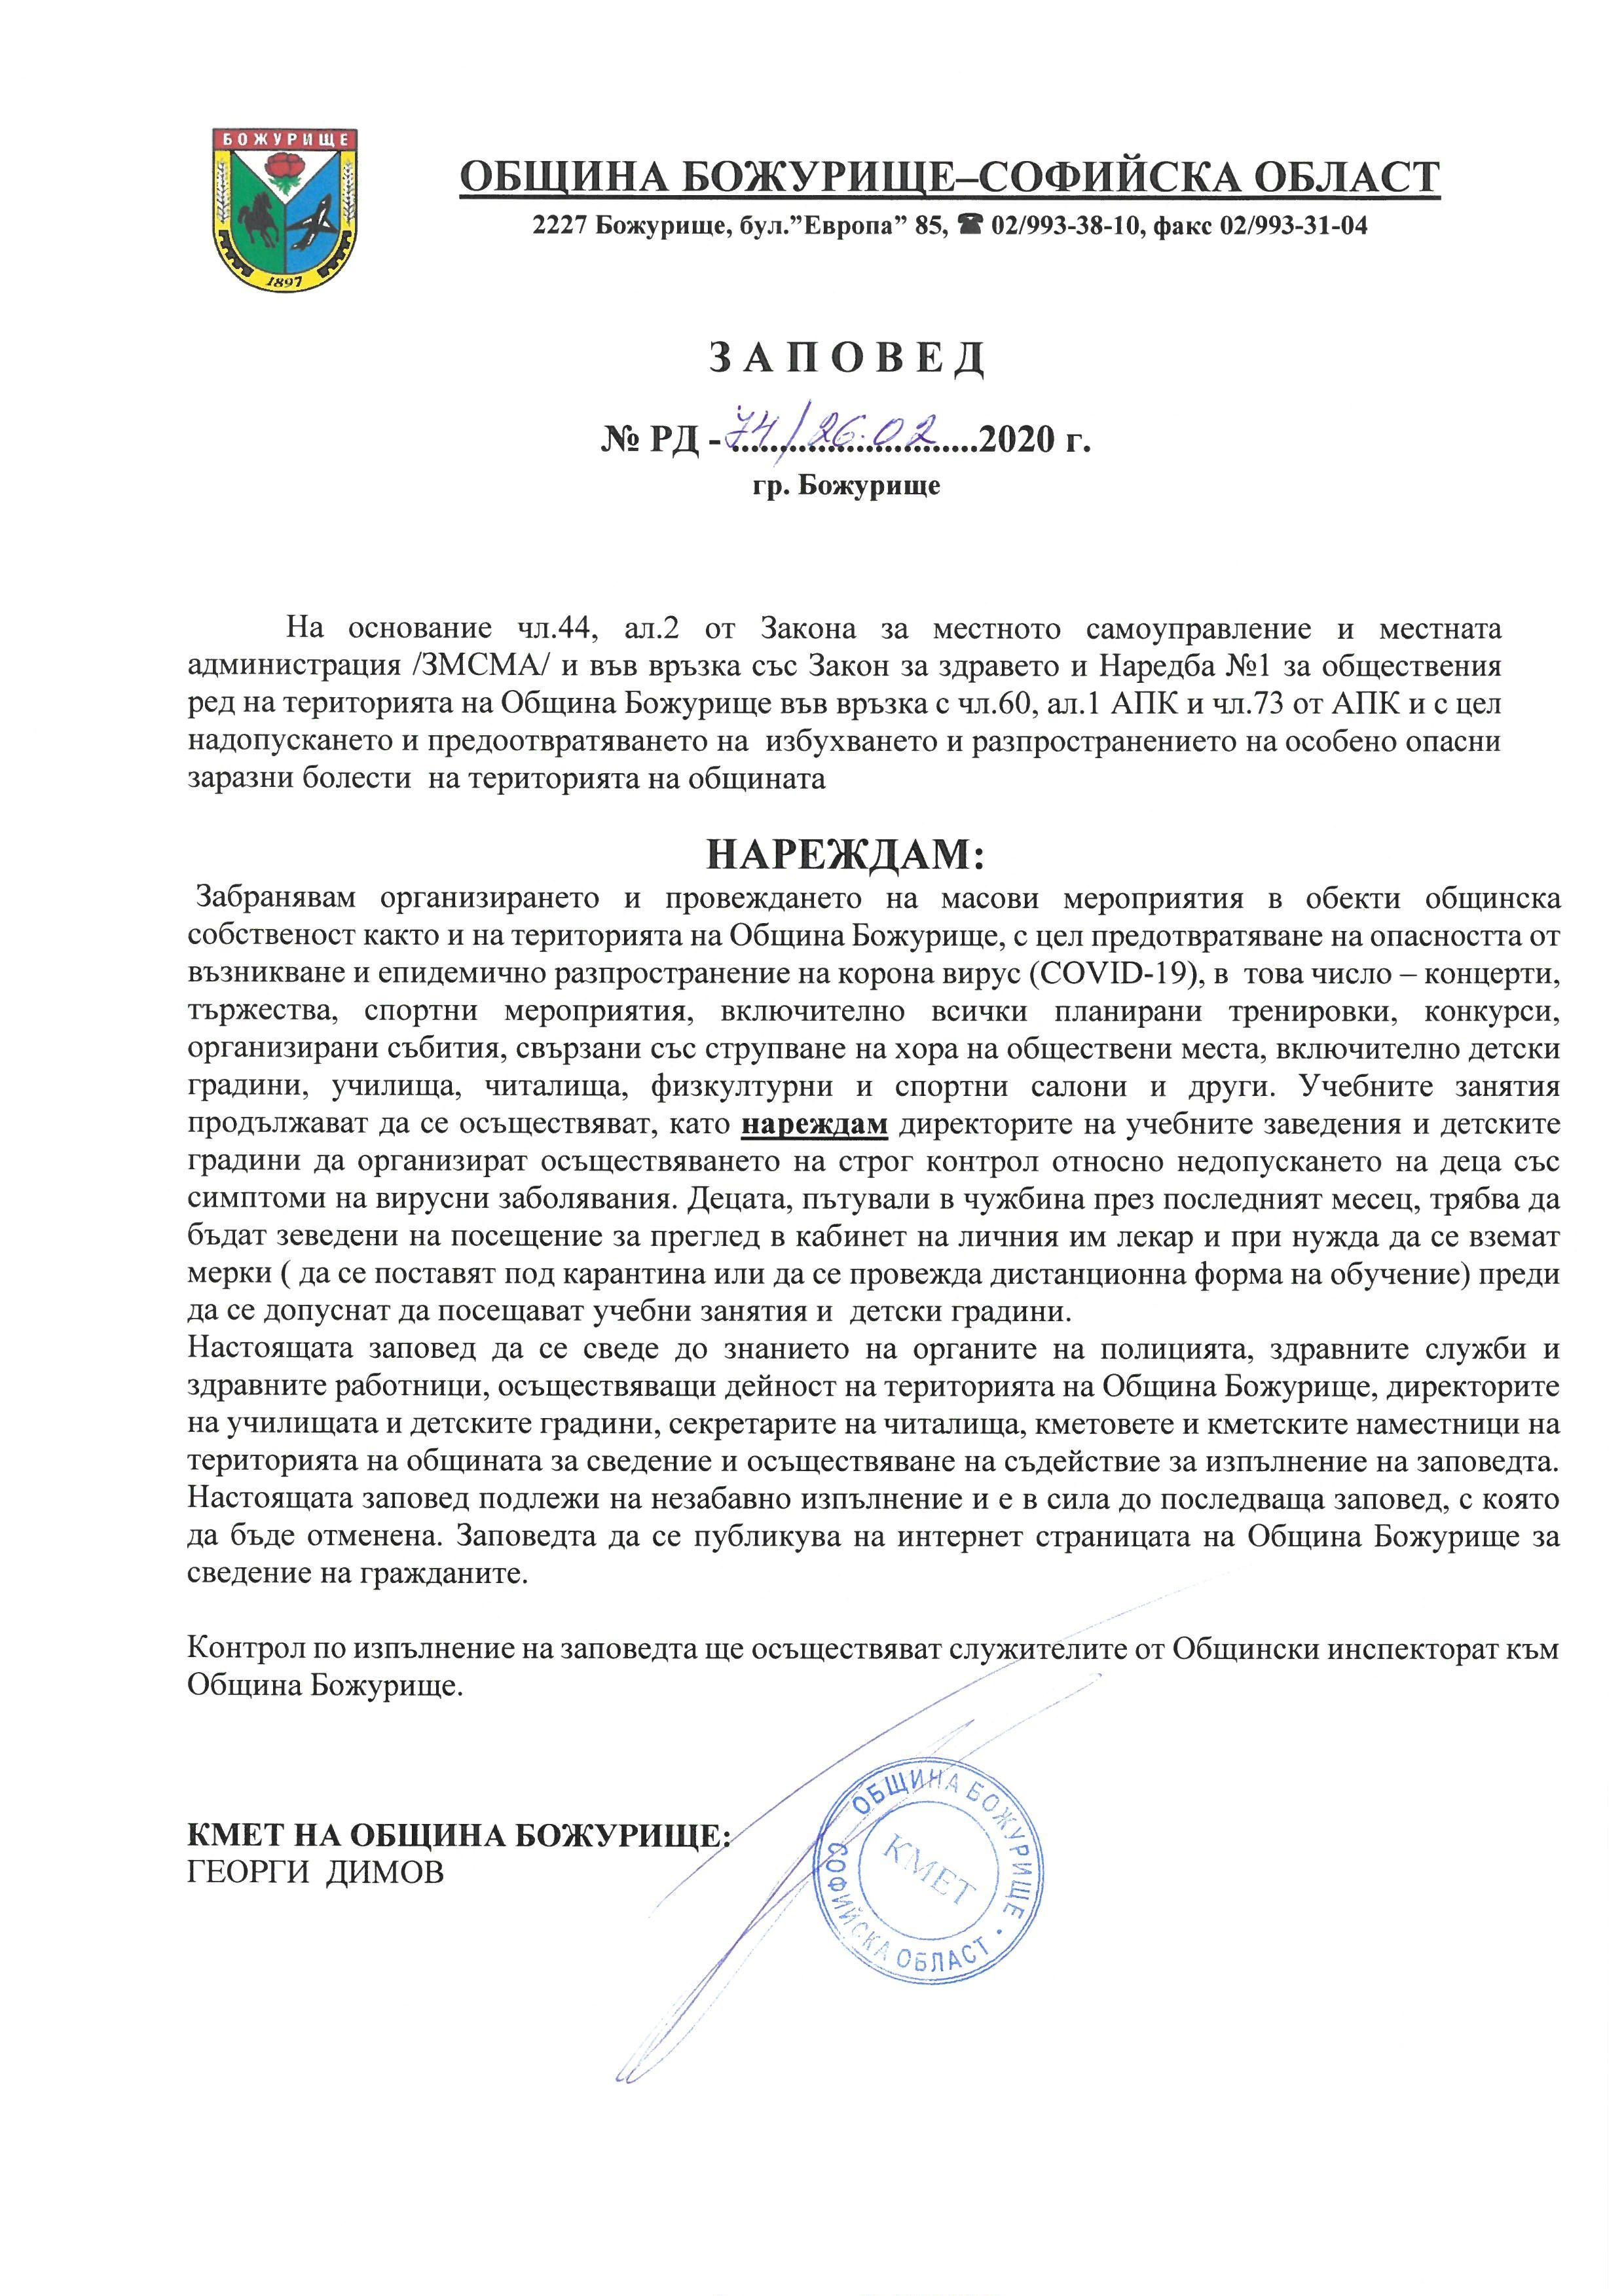 Заповед на Кмета на община Божурище с цел превенция от корона вирус!!!